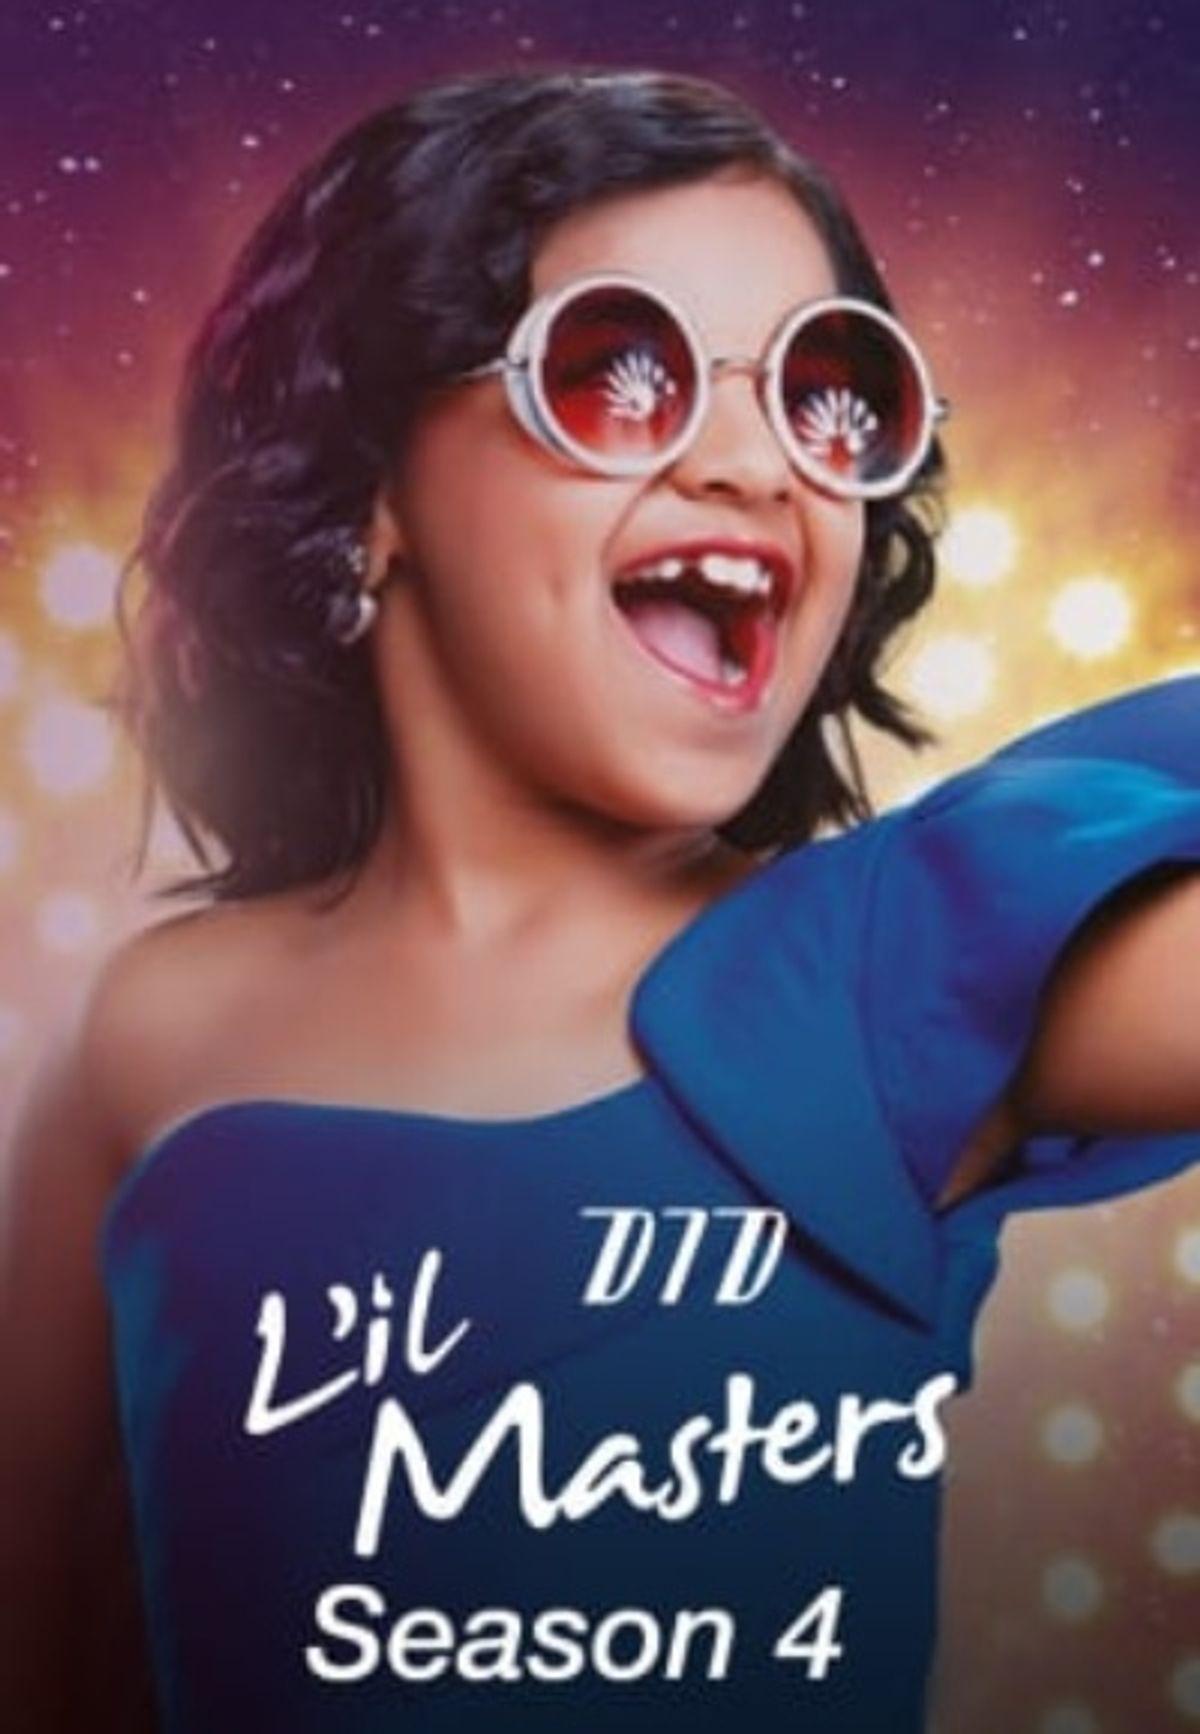 DID Lil Masters